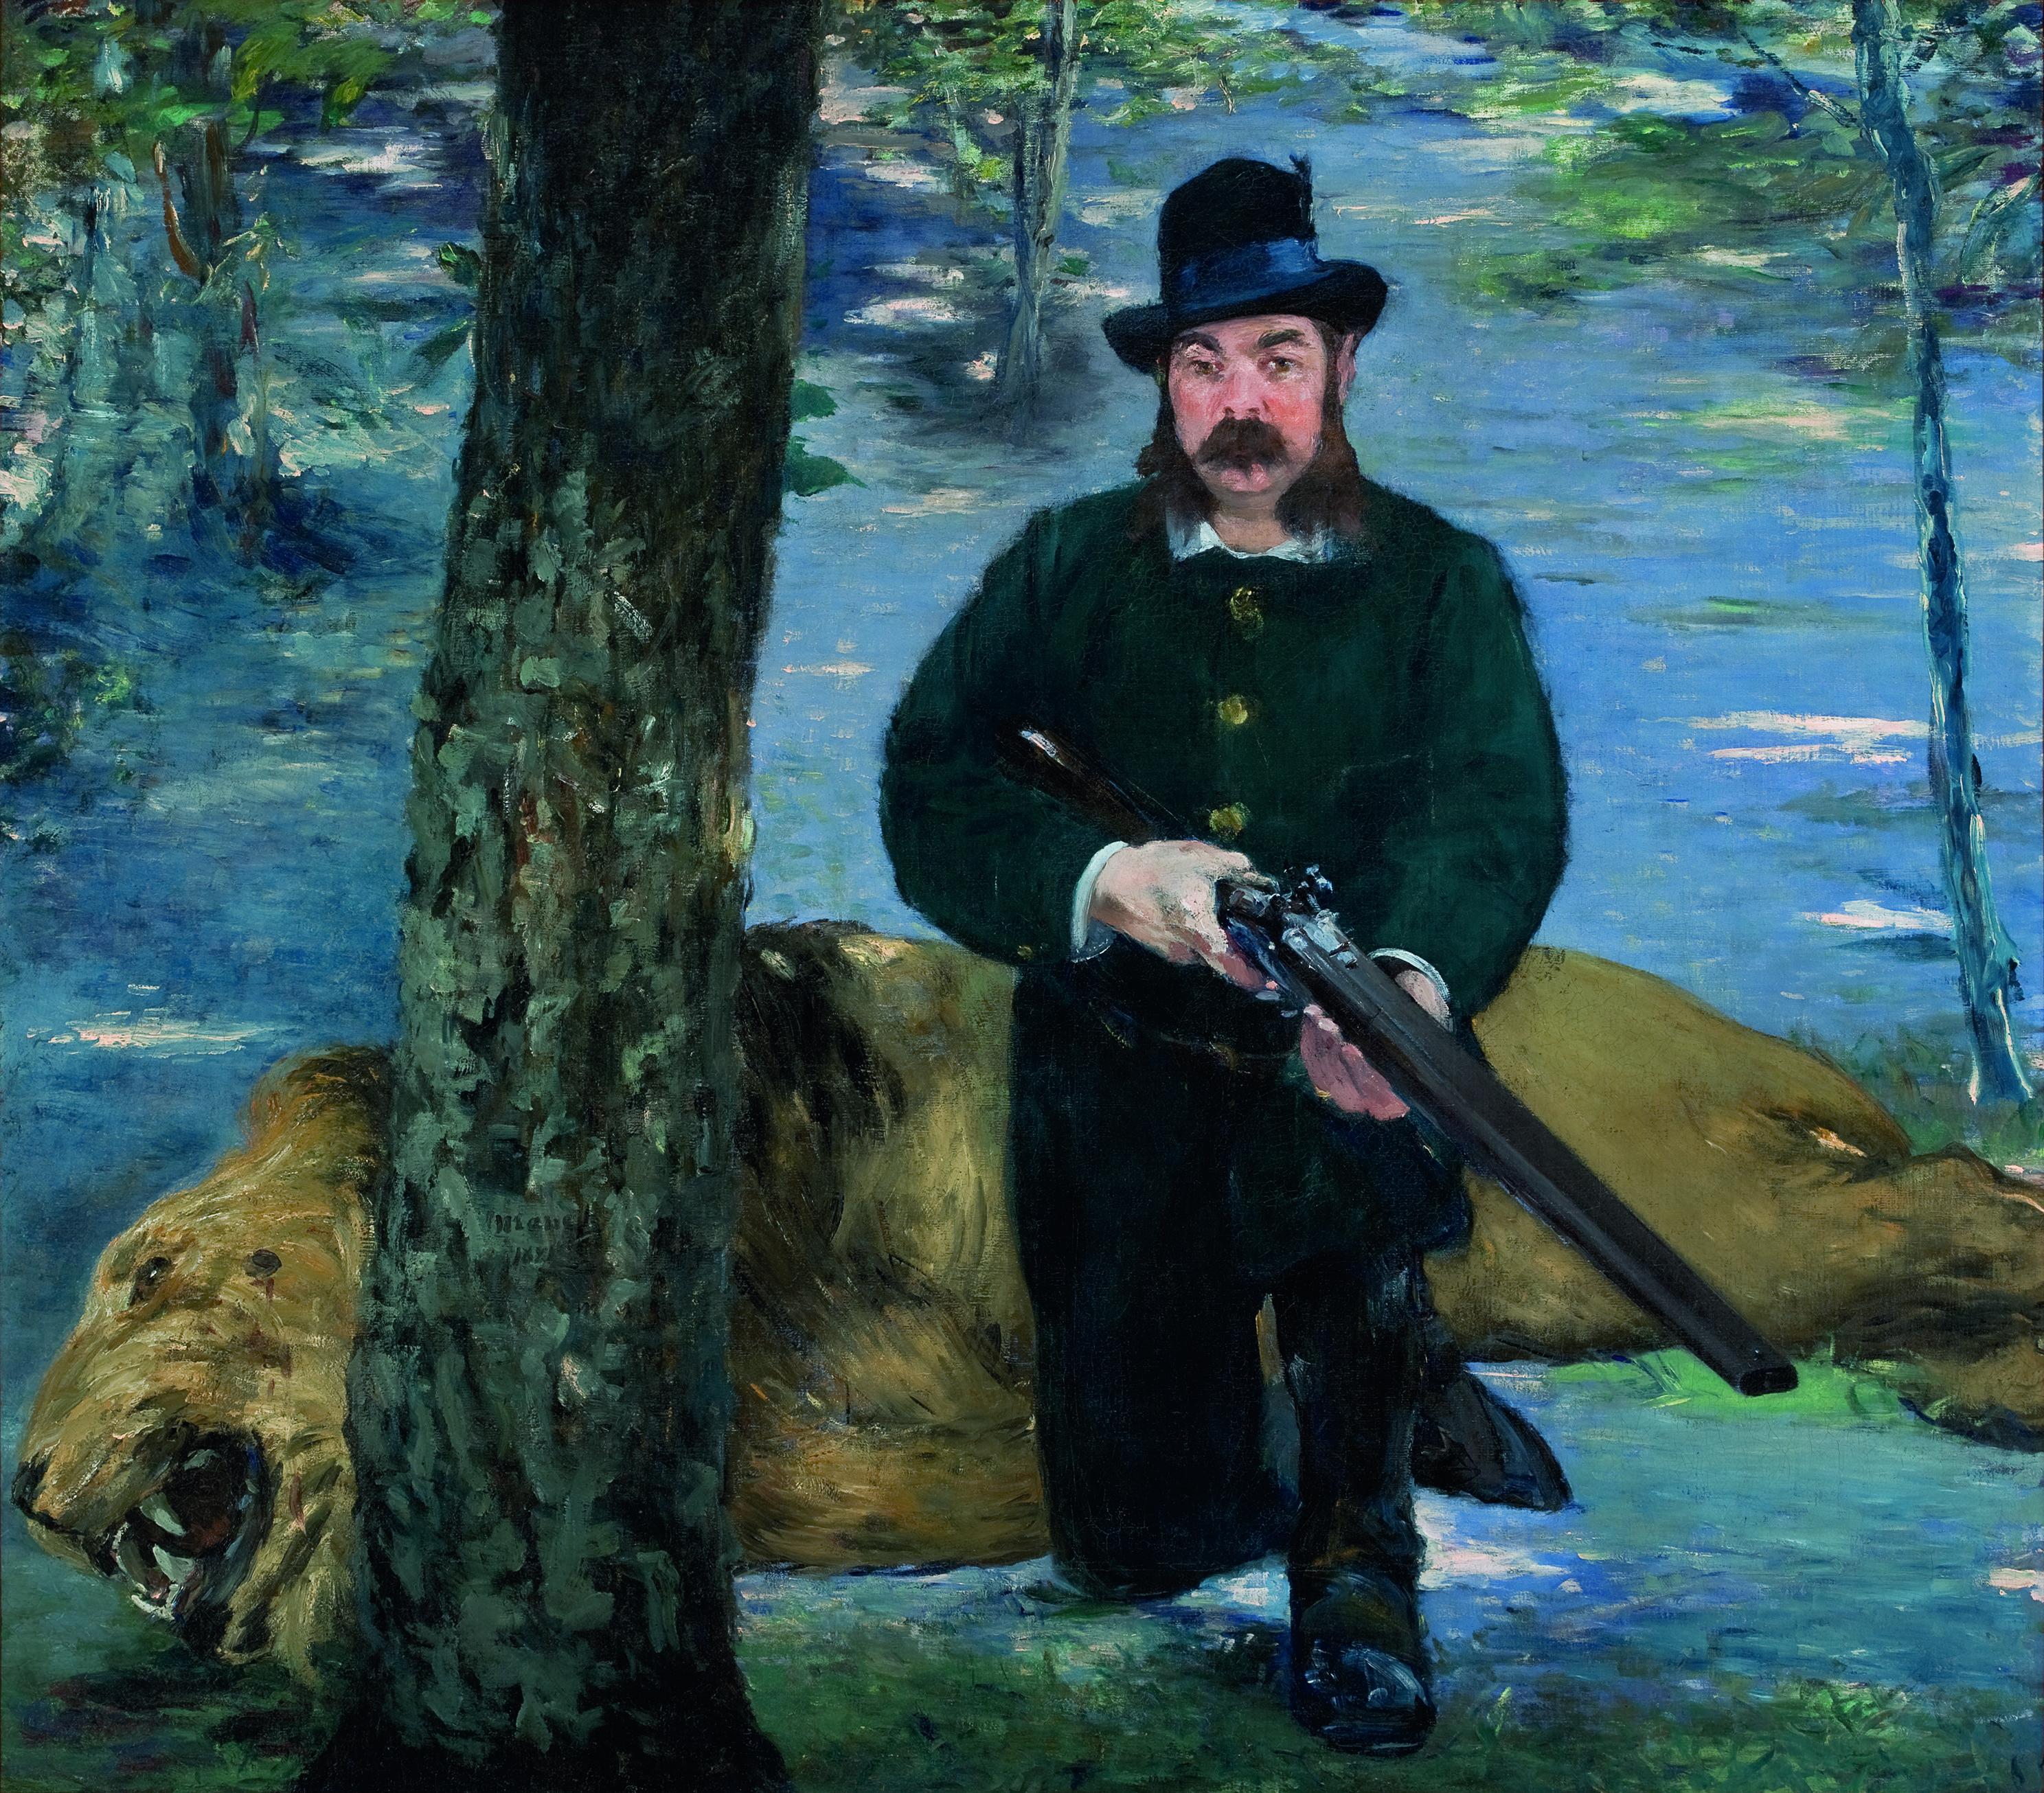 File:Édouard Manet - Pertuiset, le chasseur de lions.jpg